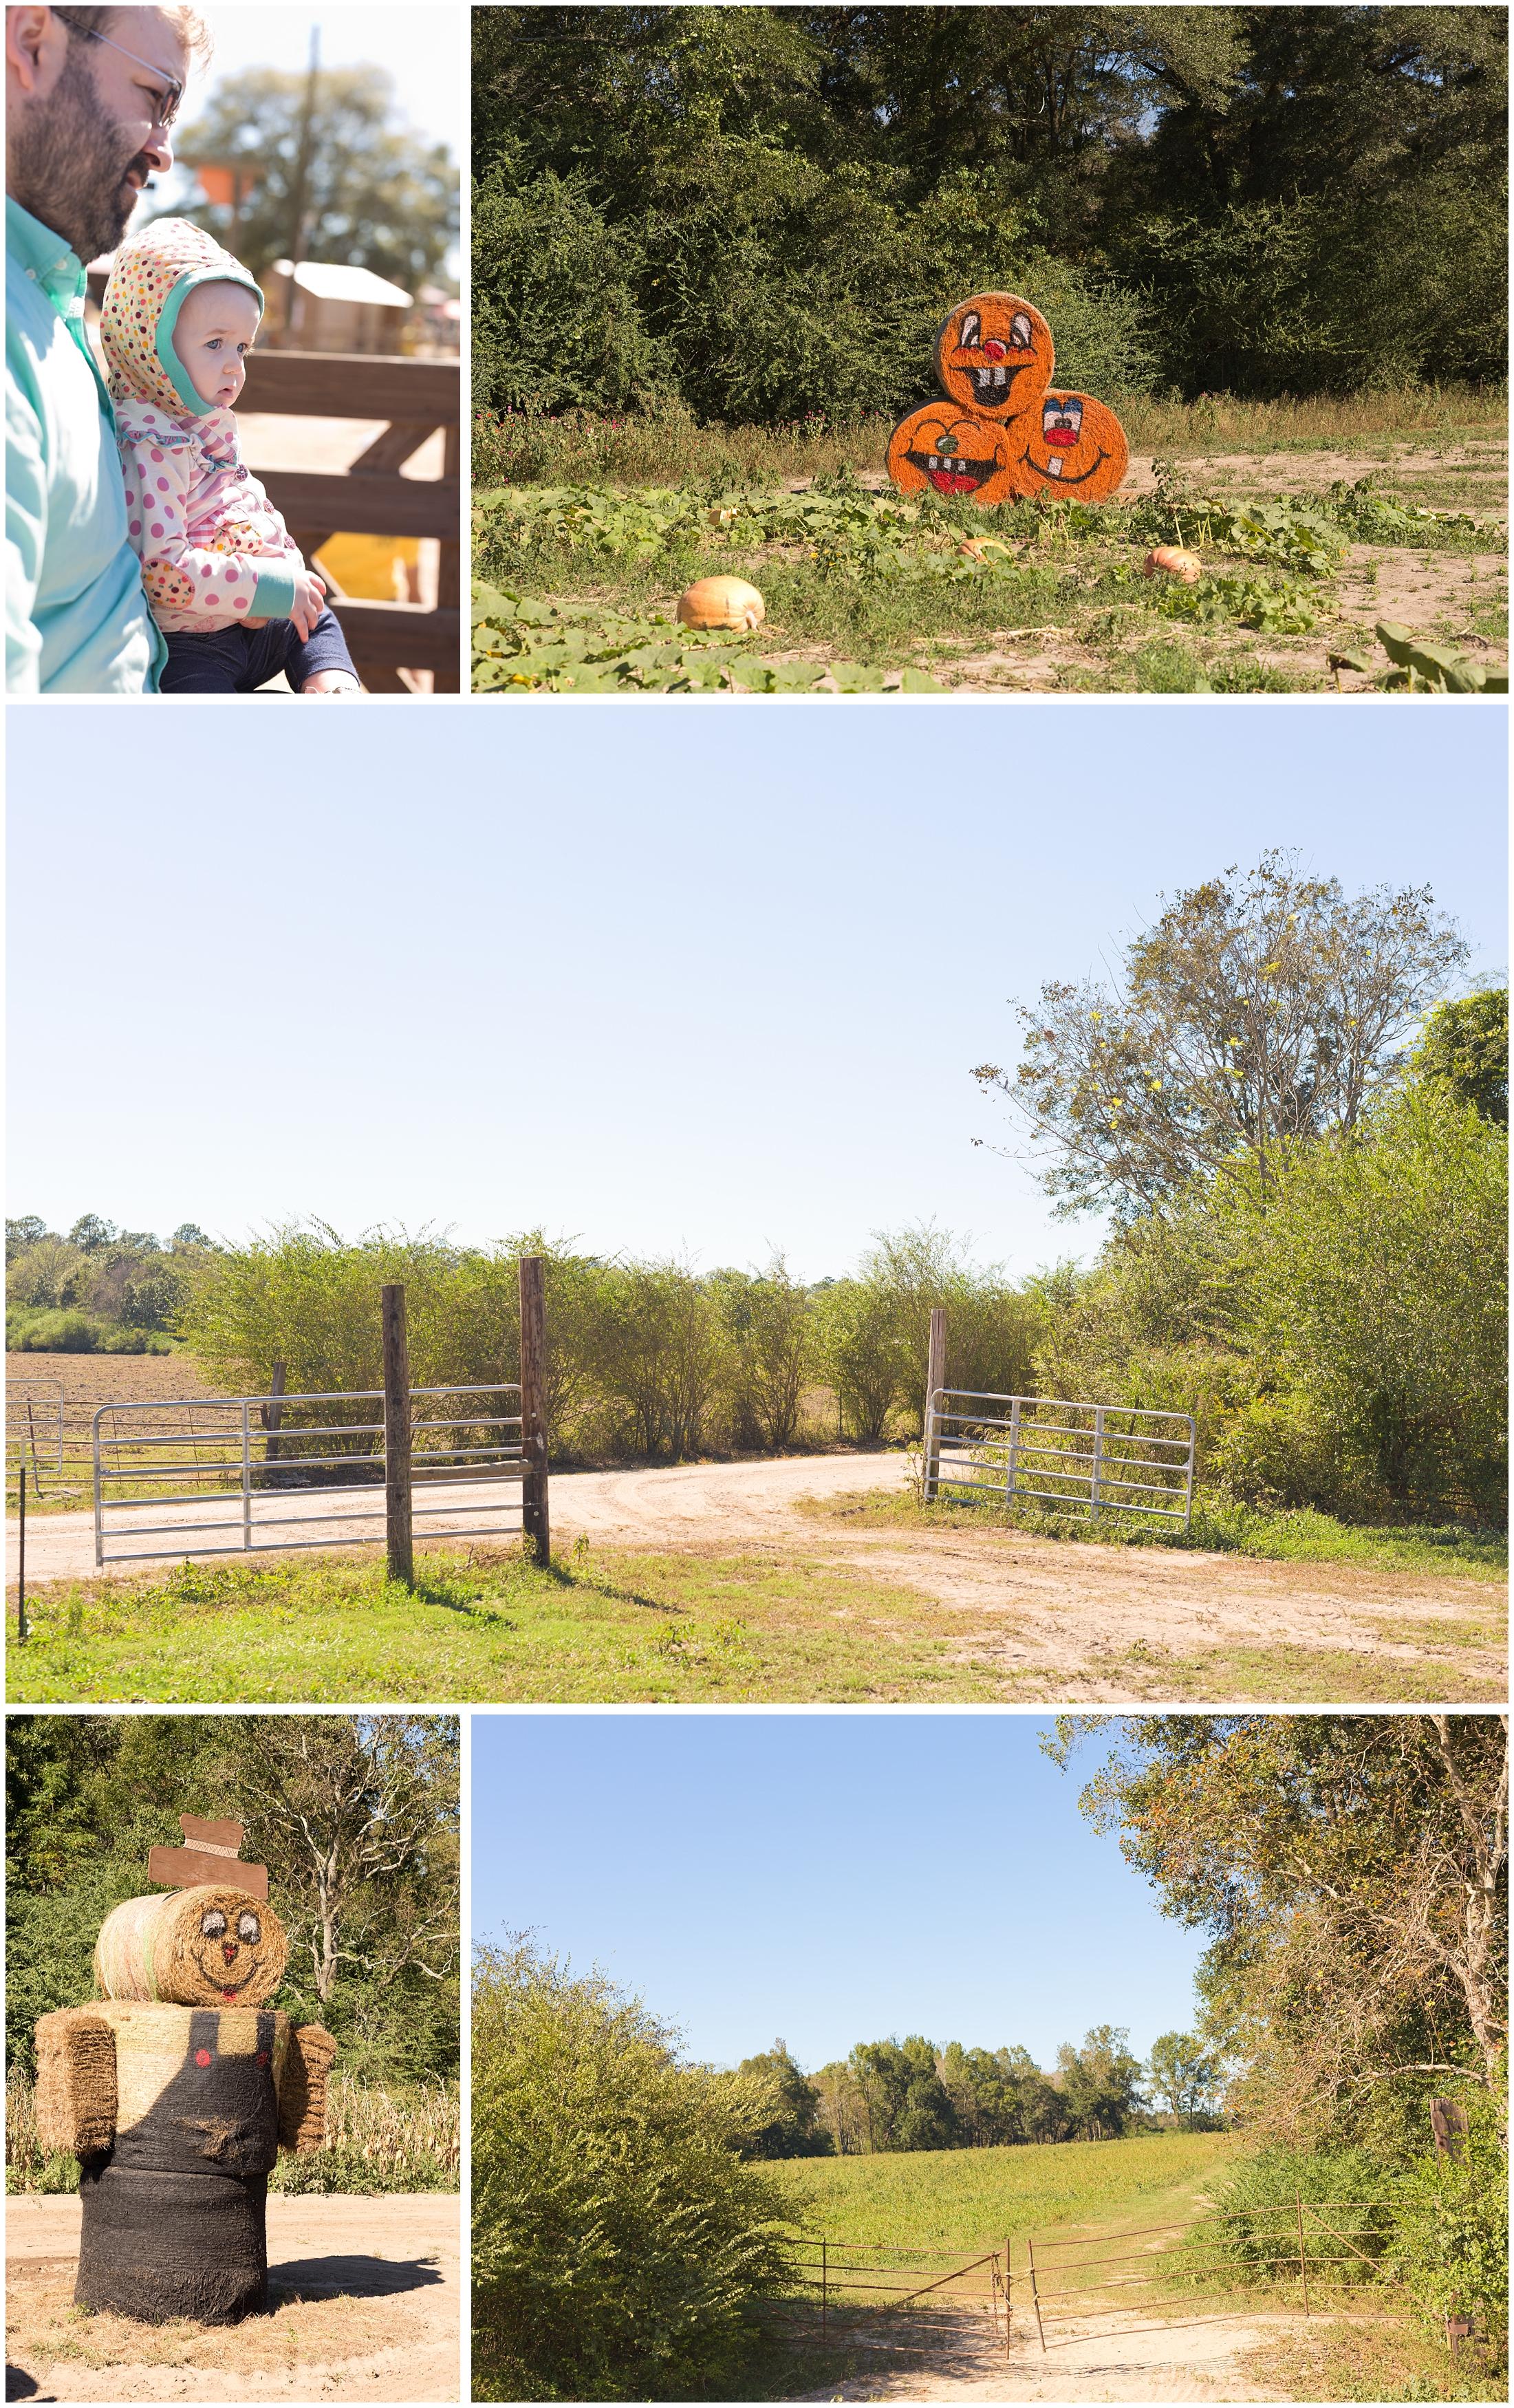 hayride at pumpkin patch